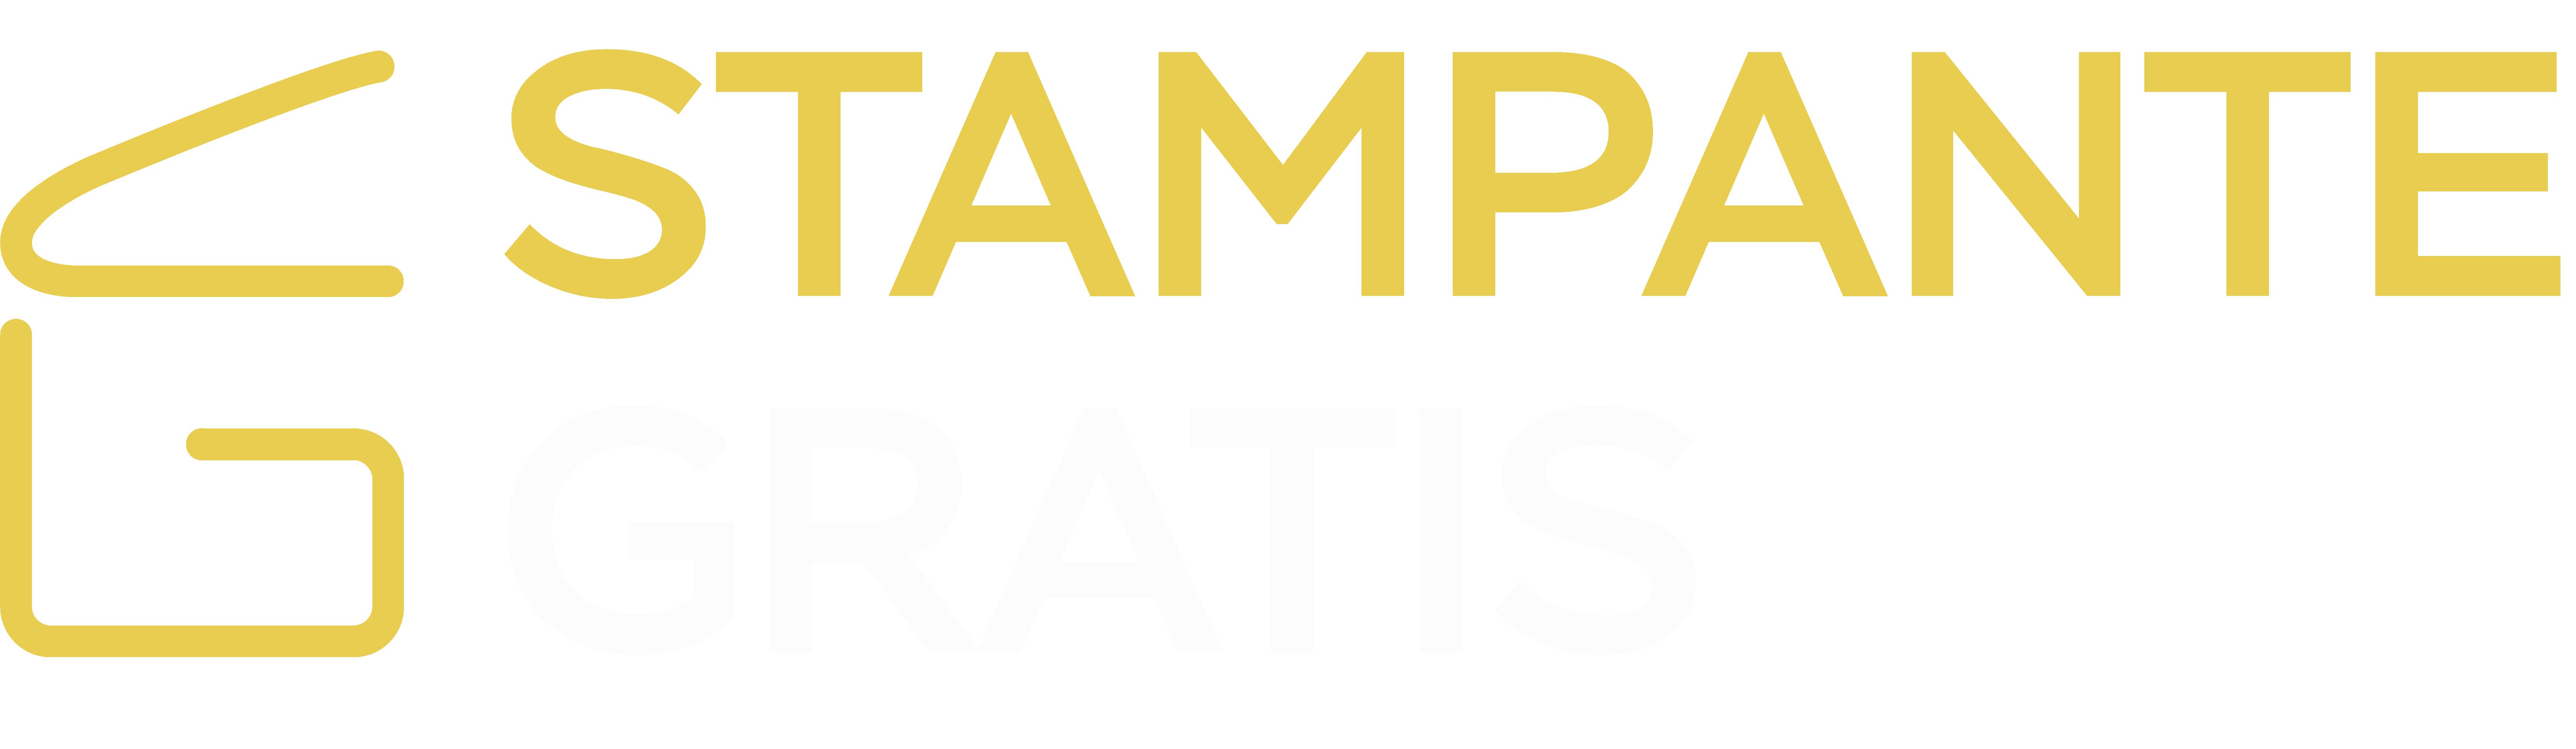 Stampante Gratis